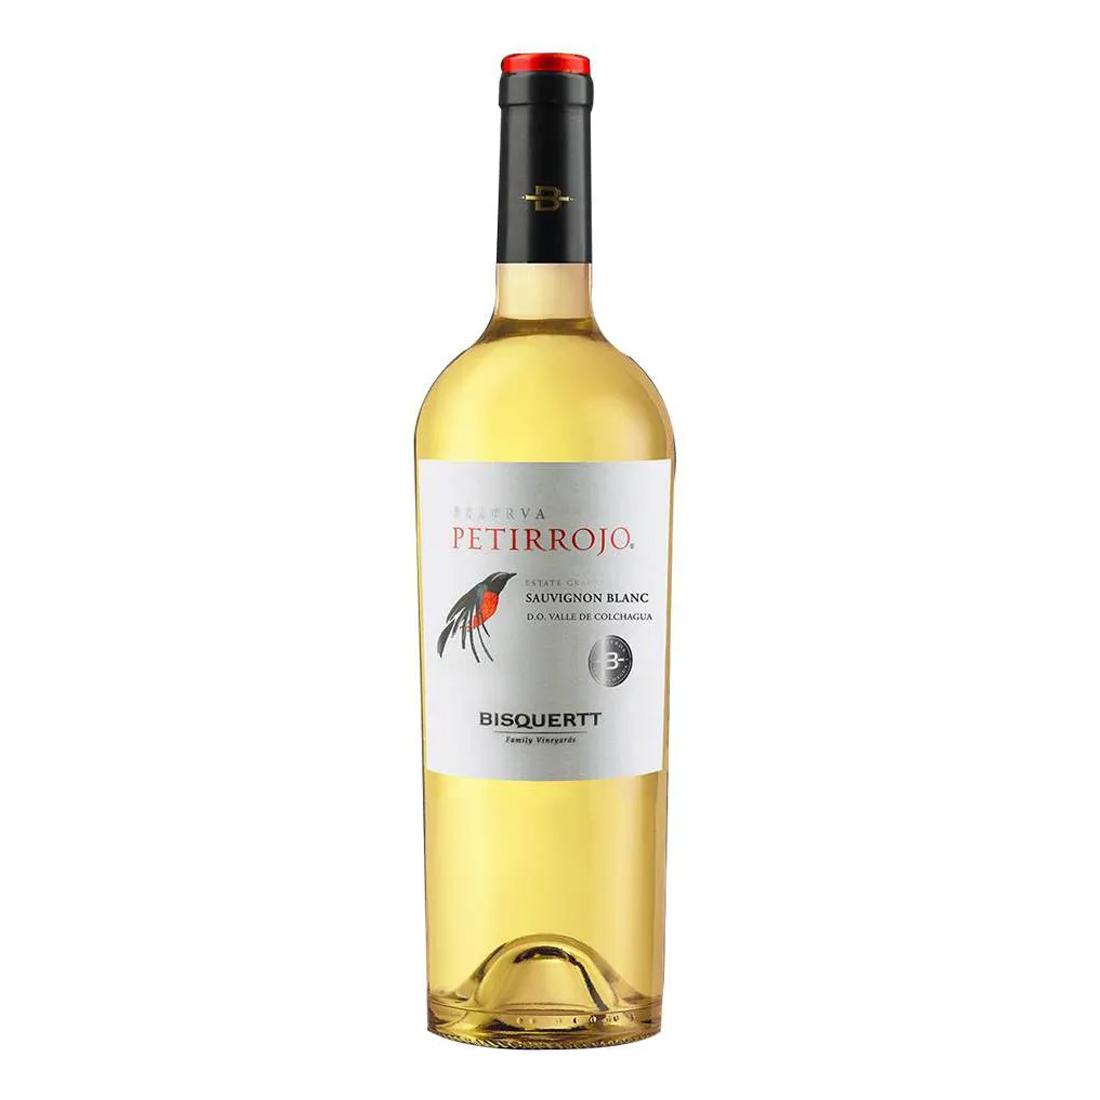 Vinho Petirrojo Bisquertt Reserva Sauvignon Blanc 187ml